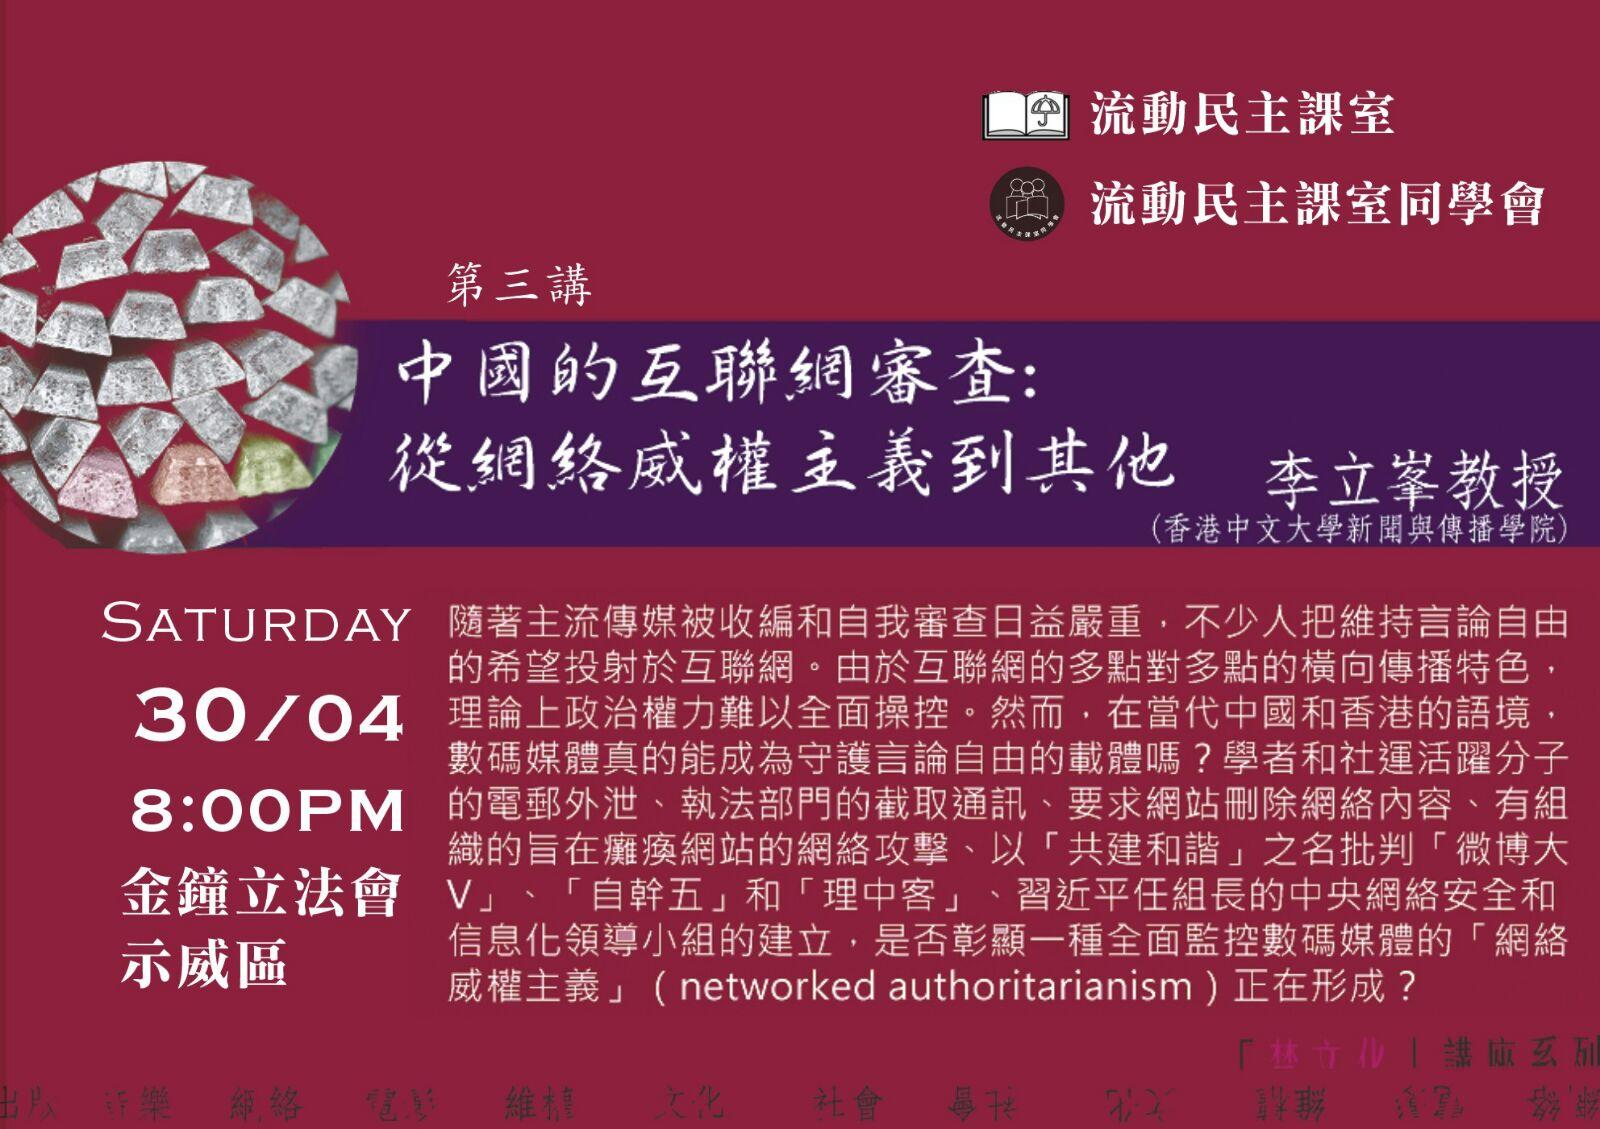 《中國的互聯網審查:從網絡威權主義到其他》